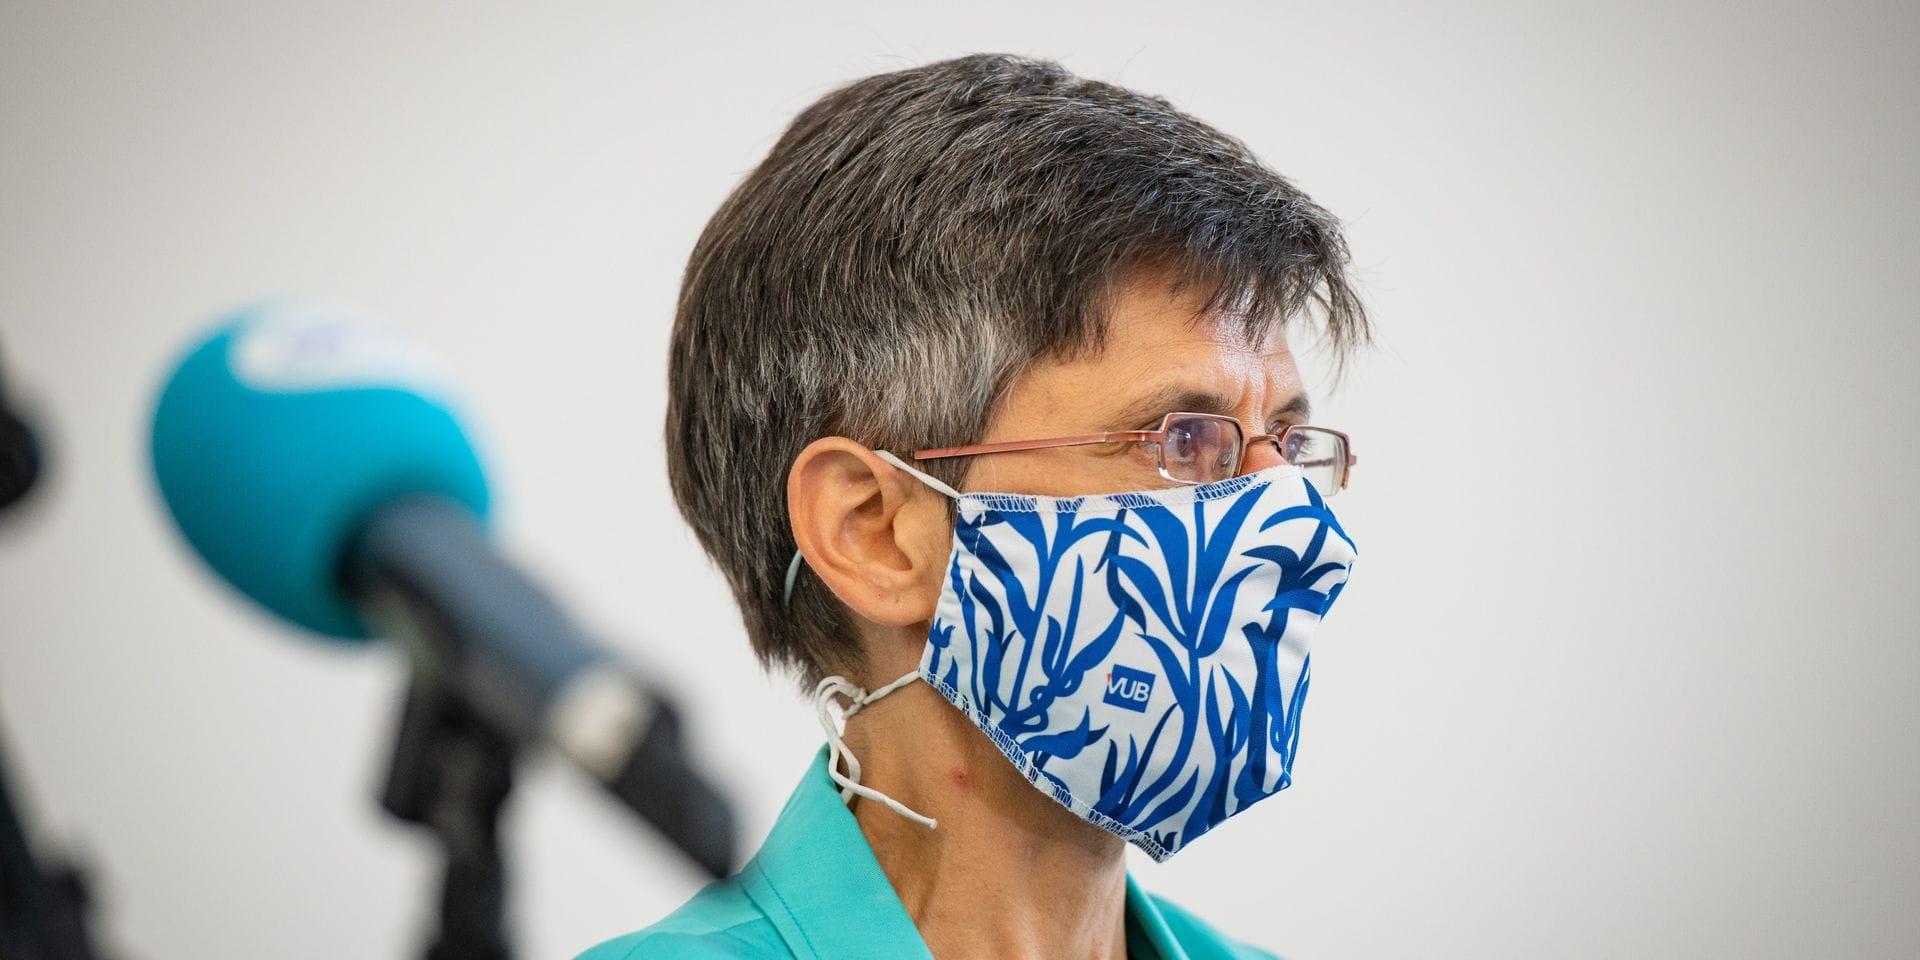 L'obligation du port du masque étendue au milieu scolaire en province d'Anvers